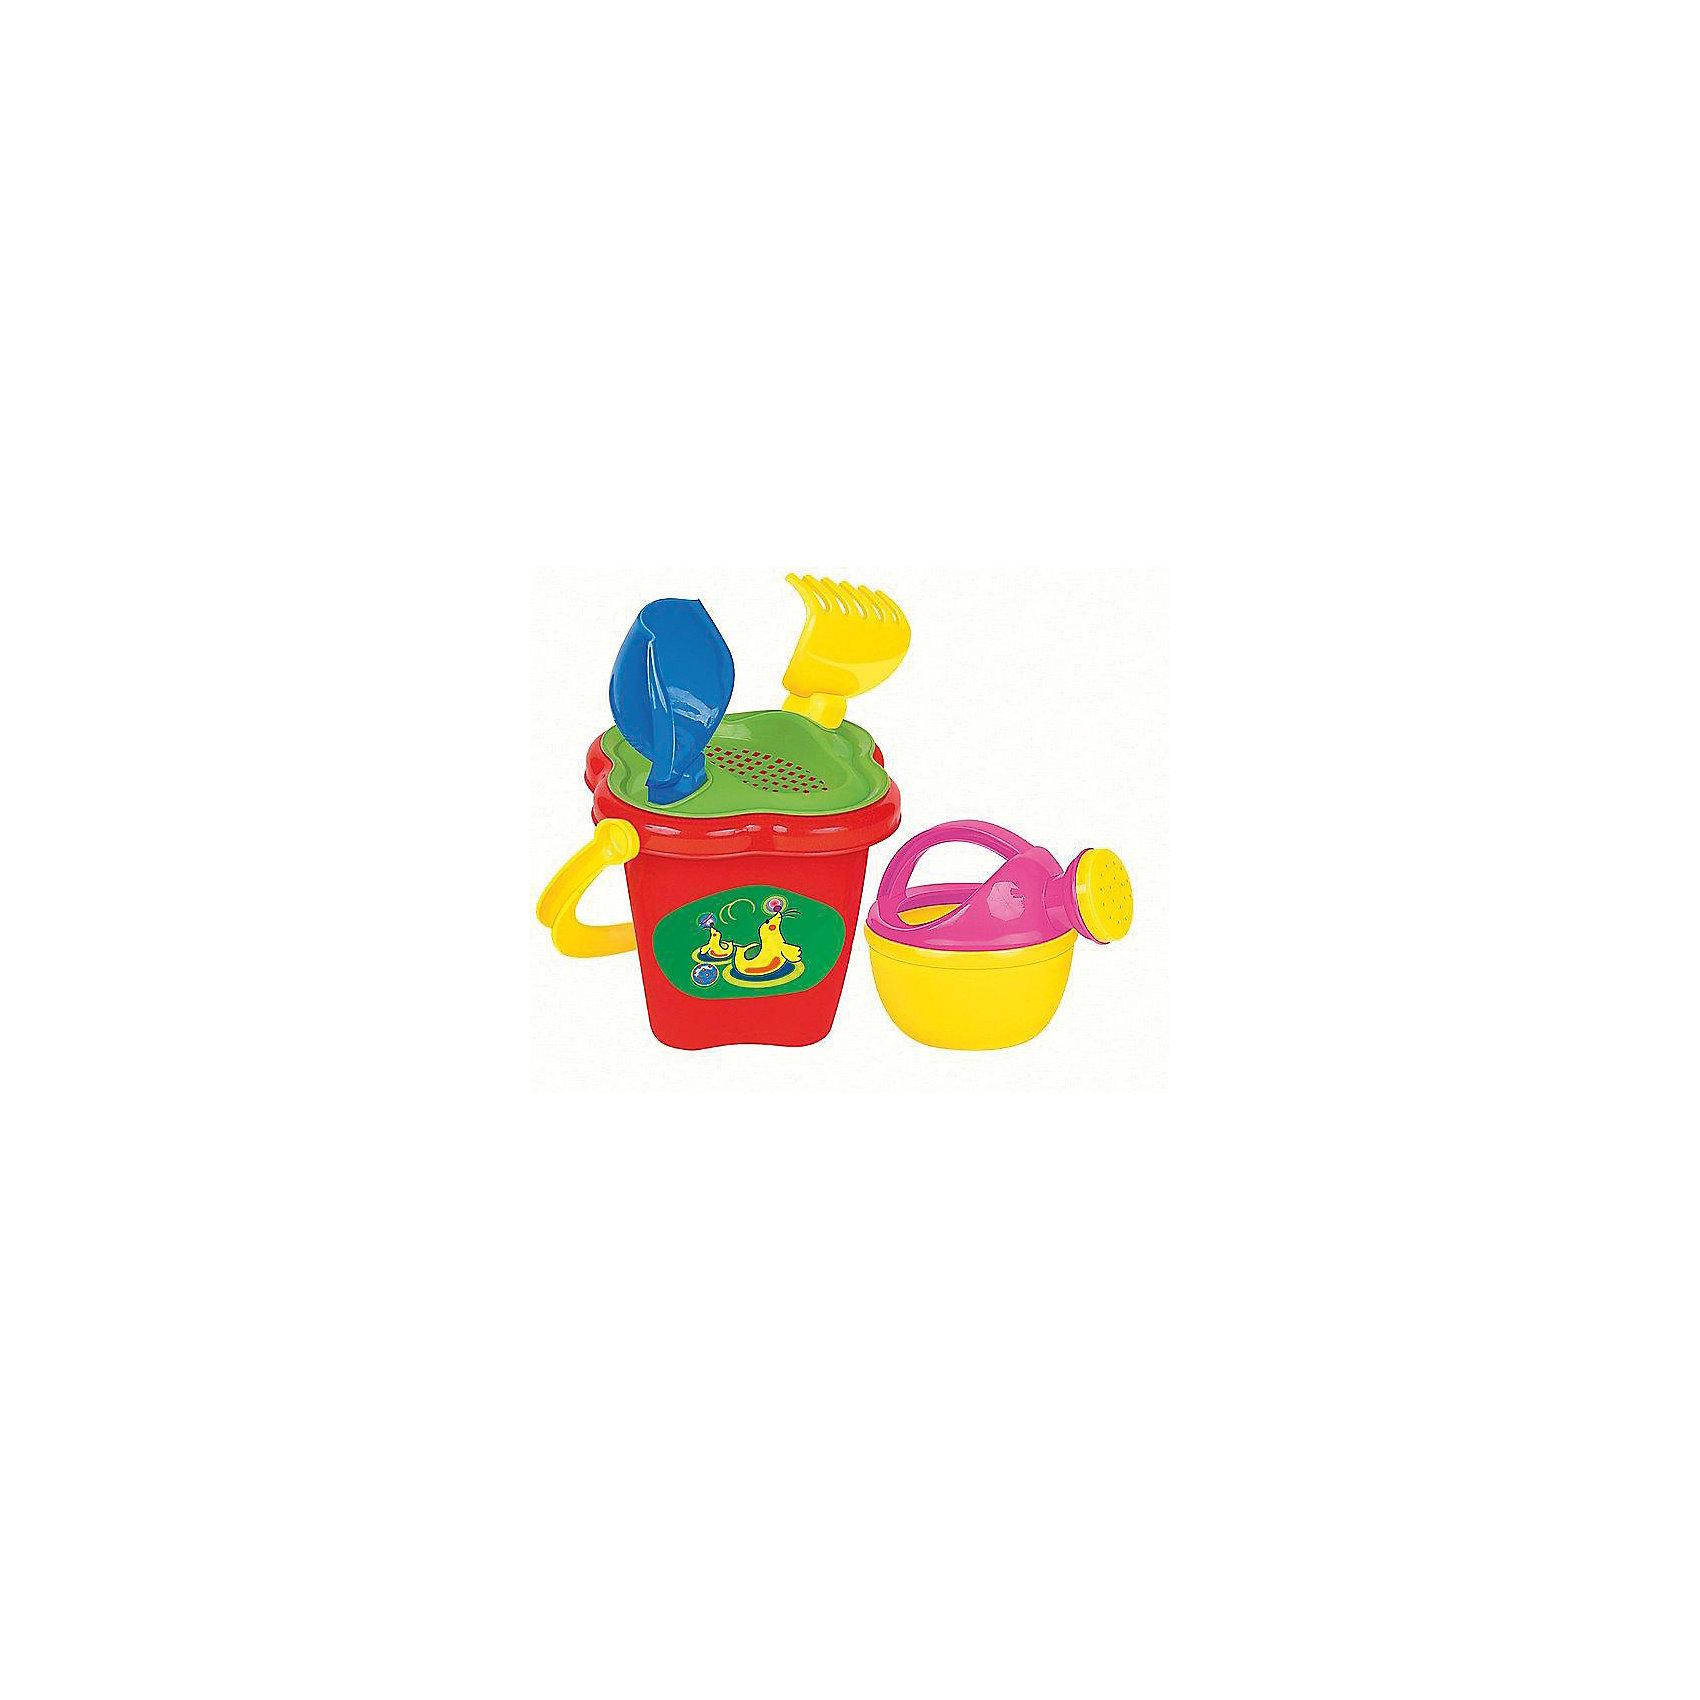 Песочный набор №237 (5 предметов), ПолесьеИграем в песочнице<br>Песочный набор №237 (5 предметов), Полесье идеально подходит для веселых игр на природе!<br><br>Игра с песком и водой развивает фантазию и воображение, конструкторские способности, способствует развитию тактильных ощущений, мелкой и крупной моторики рук ребёнка, а также его двигательной активности.<br><br>Комплектация: ведро-цветок, ситечко-цветок, совок, грабельки, лейка малая<br><br>Дополнительная информация:<br><br>-Материалы: пластмасса<br><br>Набор для песка, изготовленный из прочного безопасного пластика, отлично подойдет ребенку для различных игр на свежем воздухе.<br><br>Песочный набор №237 (5 предметов), Полесье можно купить в нашем магазине.<br><br>Ширина мм: 125<br>Глубина мм: 125<br>Высота мм: 195<br>Вес г: 150<br>Возраст от месяцев: 12<br>Возраст до месяцев: 60<br>Пол: Унисекс<br>Возраст: Детский<br>SKU: 3650294